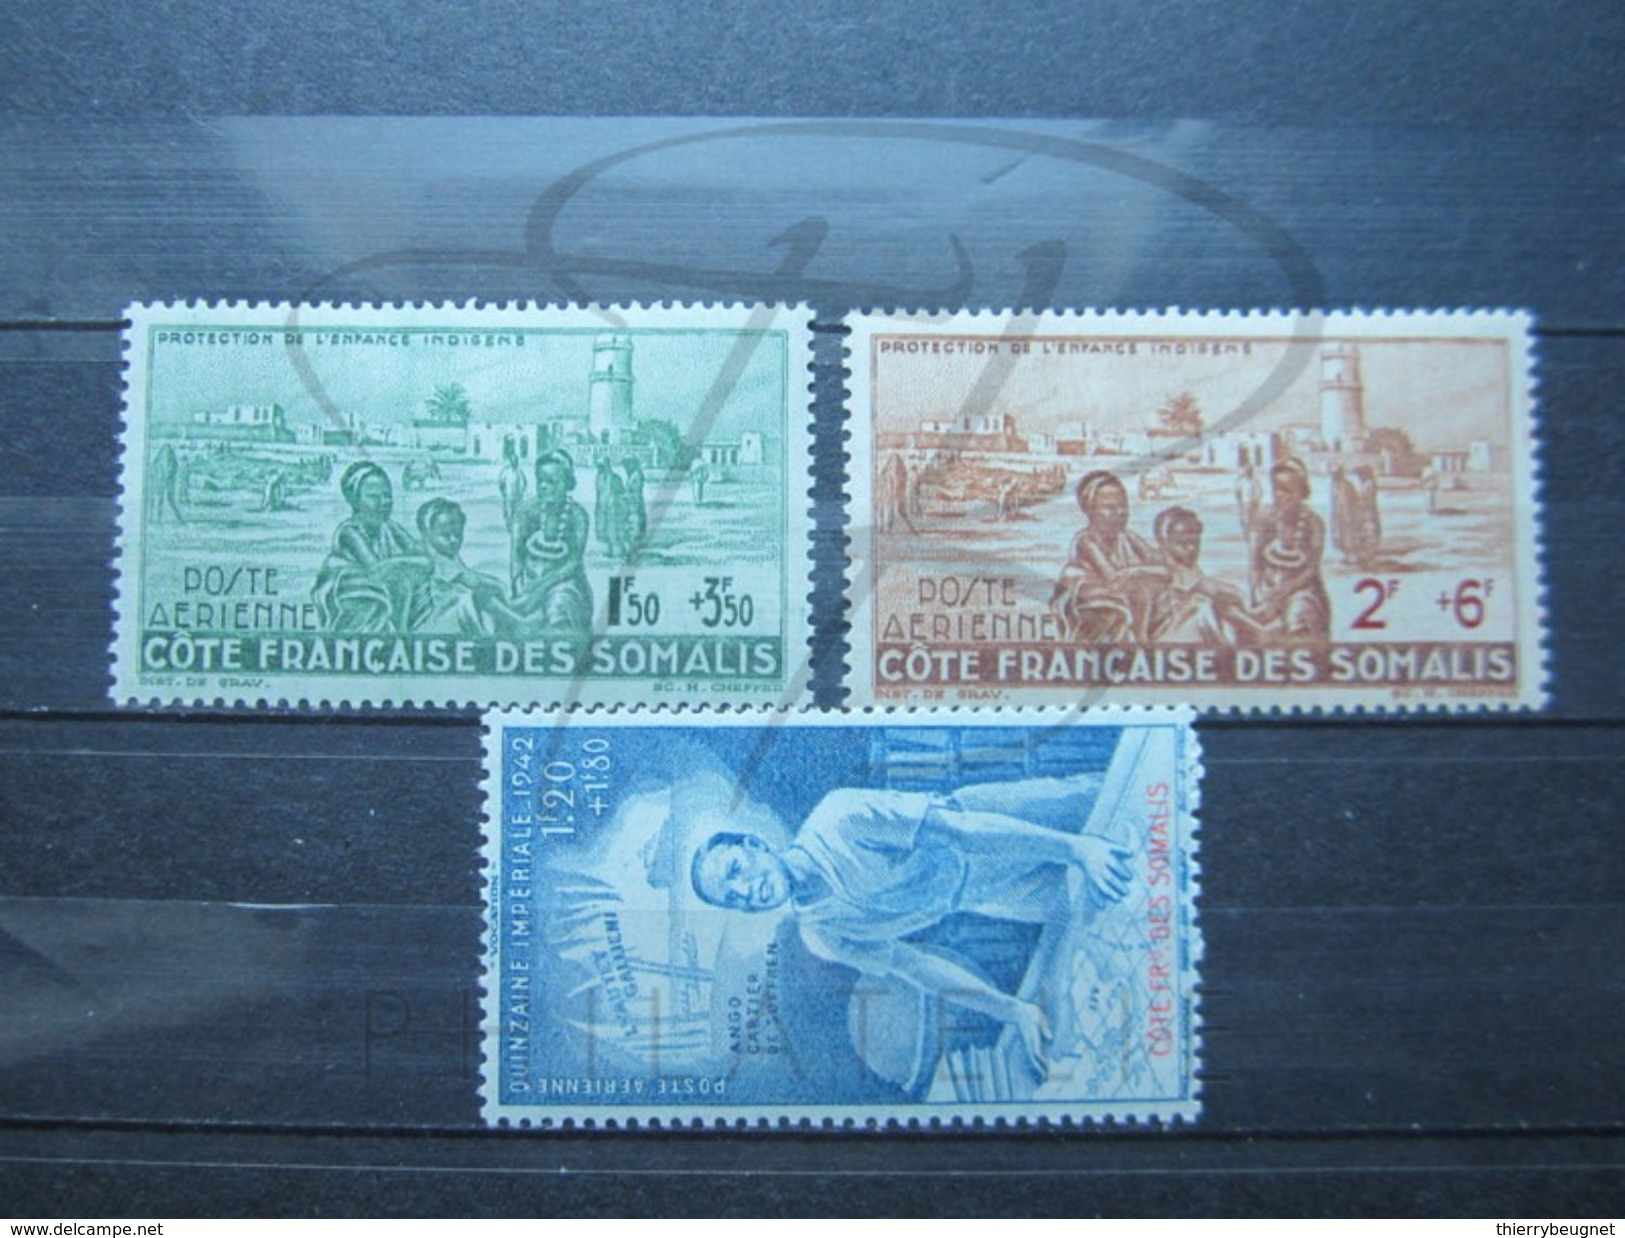 VEND BEAUX TIMBRES DE POSTE AERIENNE DE LA COTE FRANCAISE DES SOMALIS N° 8 - 10 , X !!! - Côte Française Des Somalis (1894-1967)